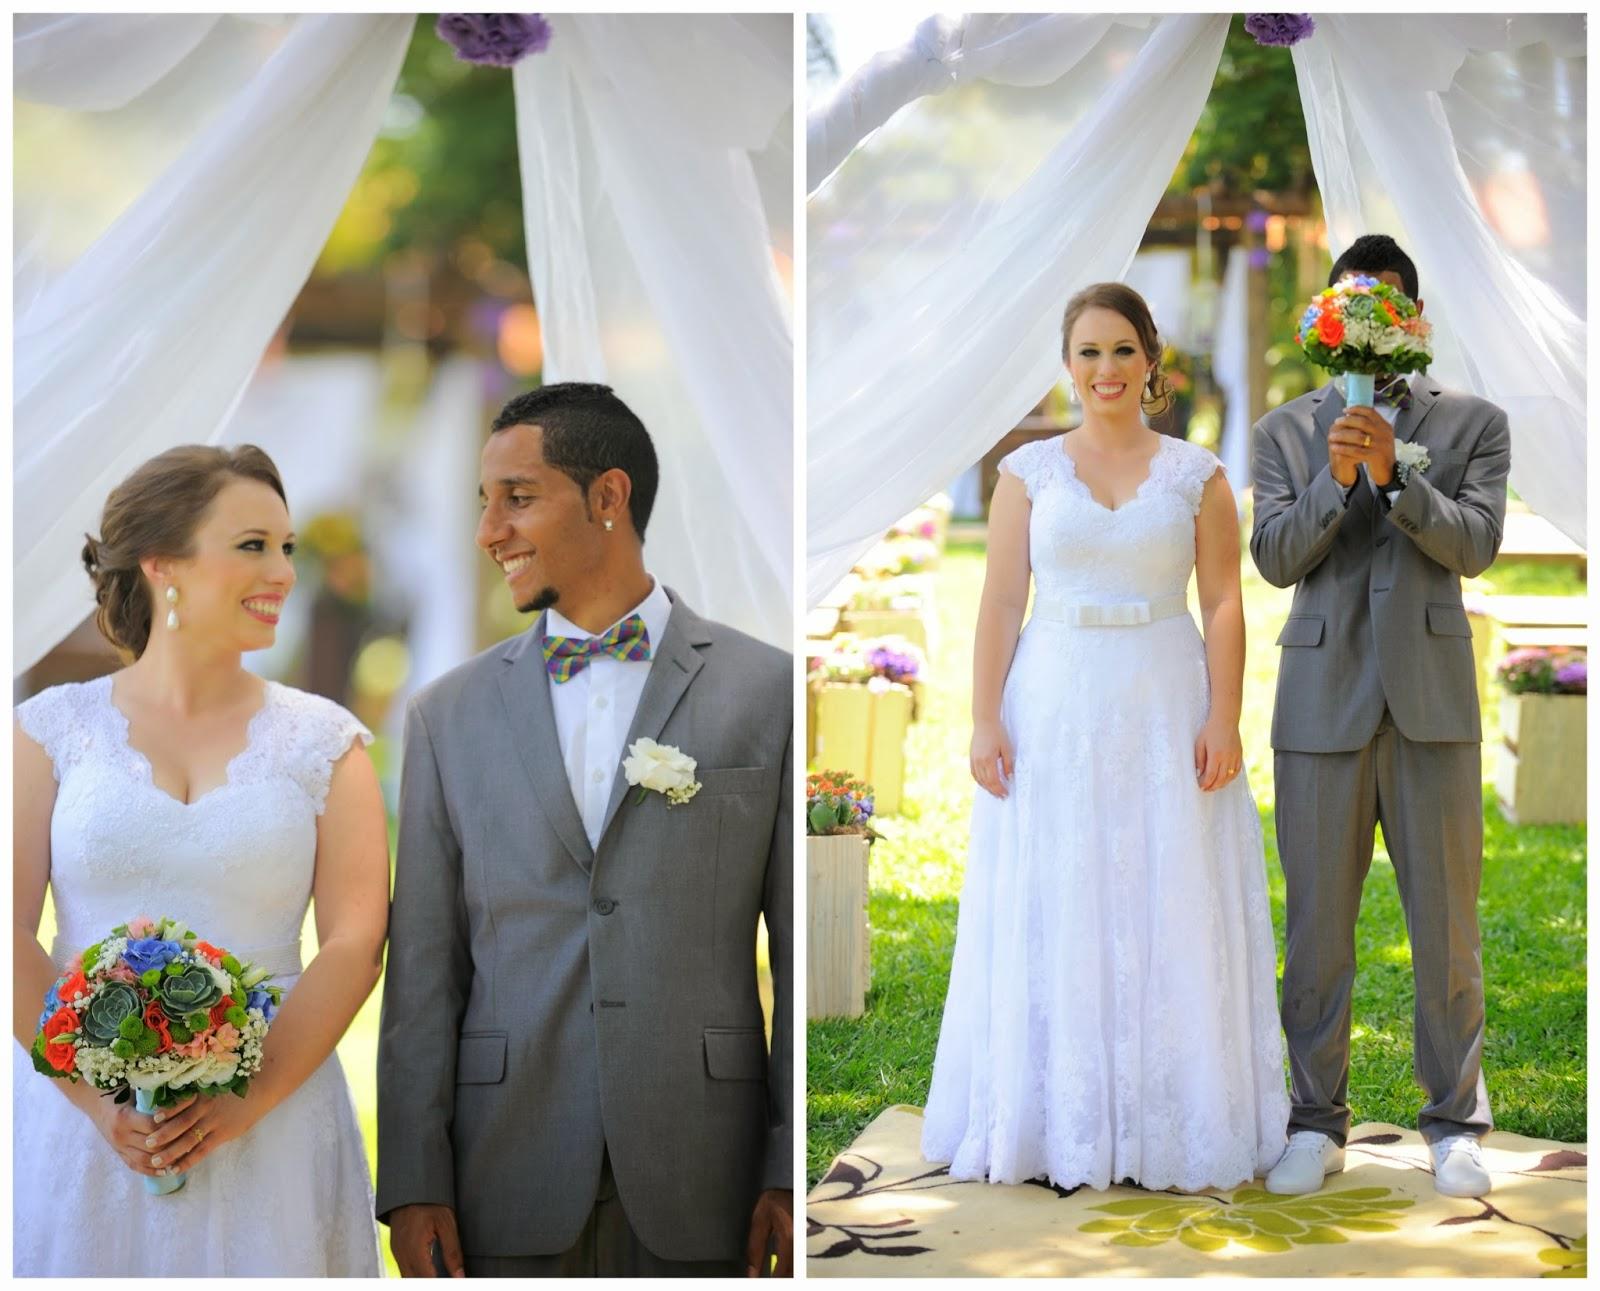 first-look-casamento-dia-azul-amarelo-noivos